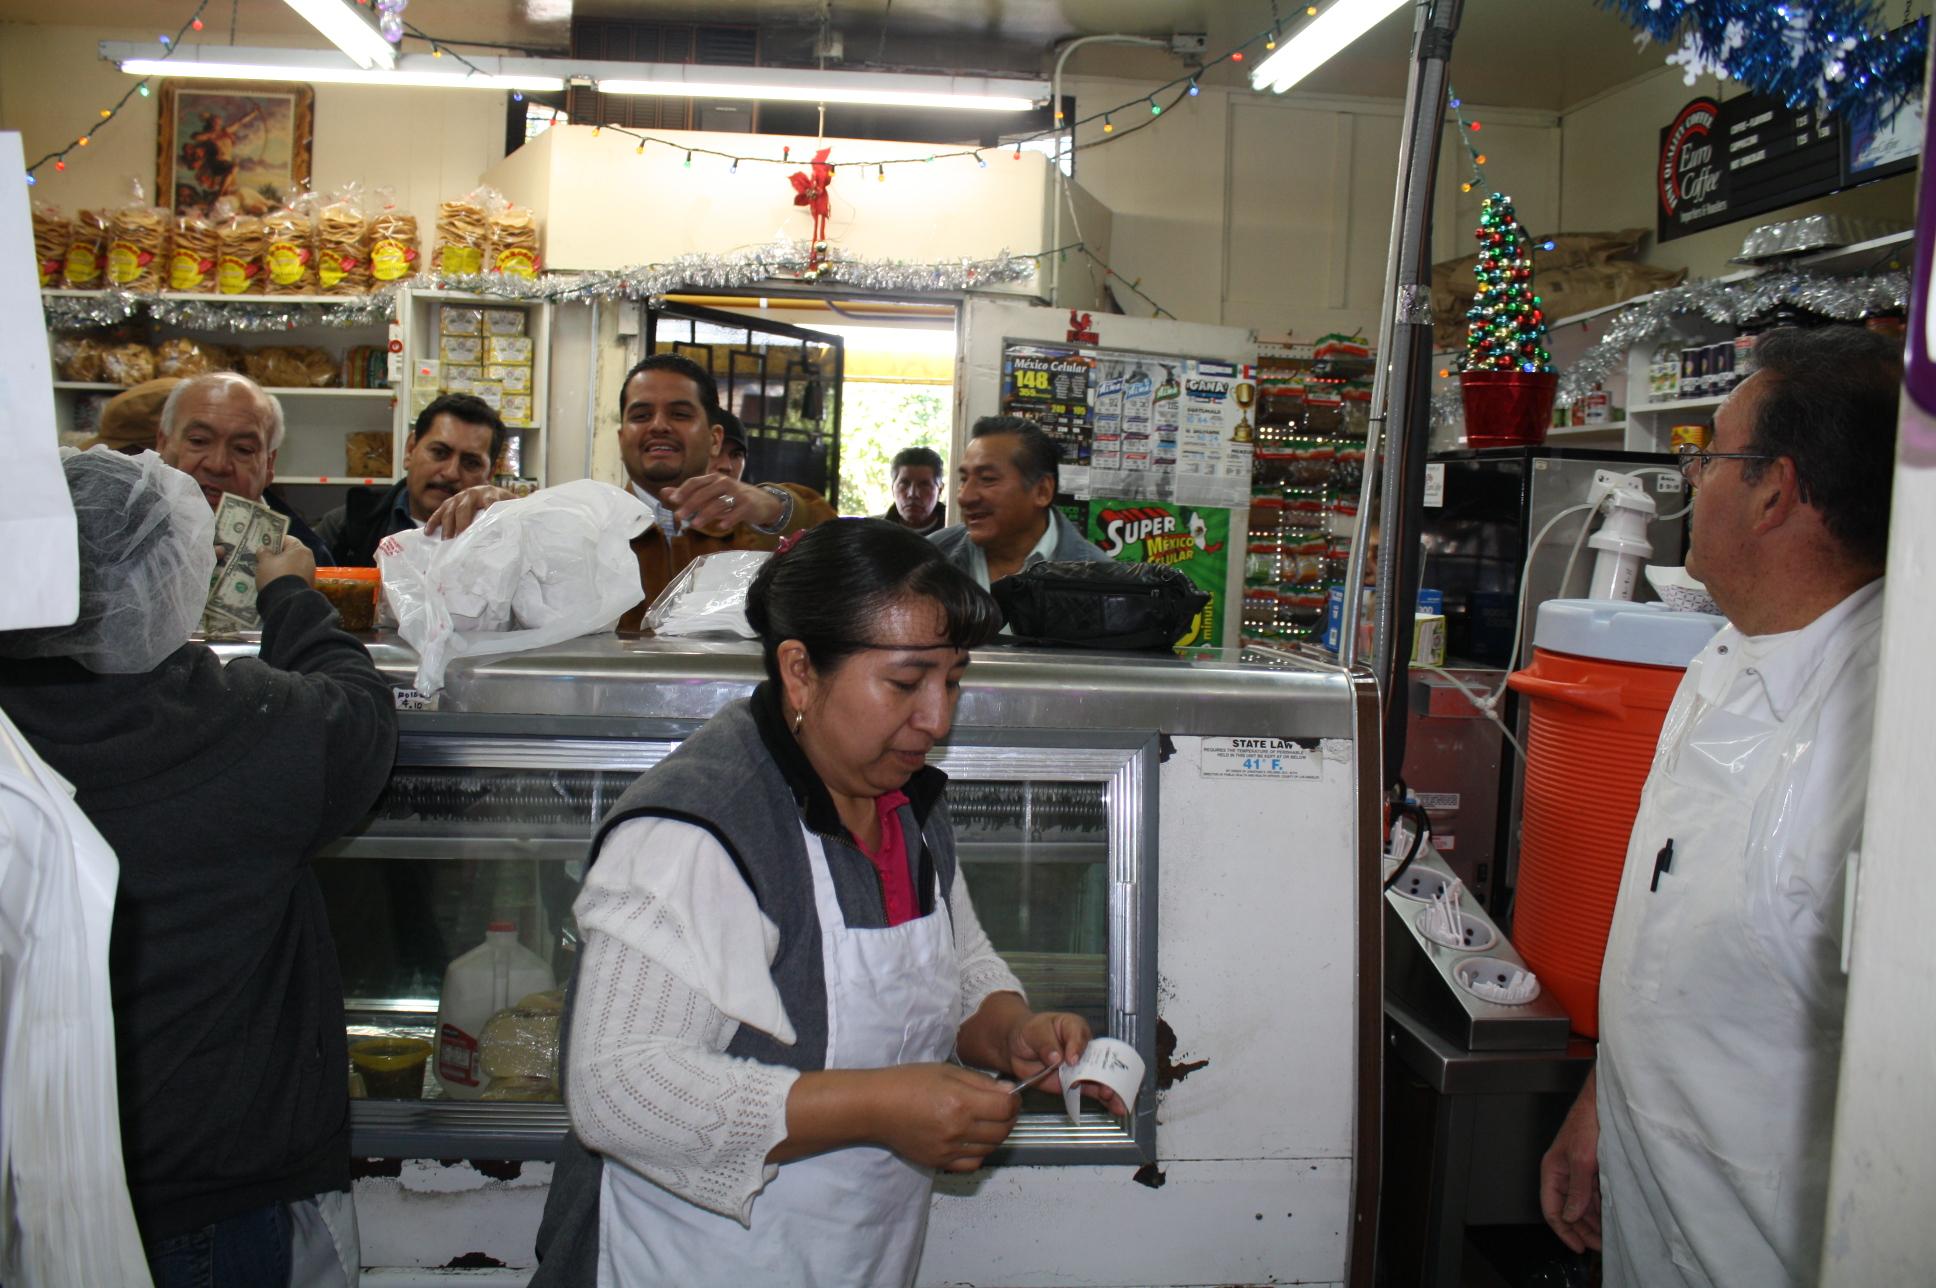 El lugar es pequeño pero lleno de actividad con las ordenes llegando a cada momento, especialmente en esta  temporada Navideña. (Foto de Agustín Durán/El Pasajero).